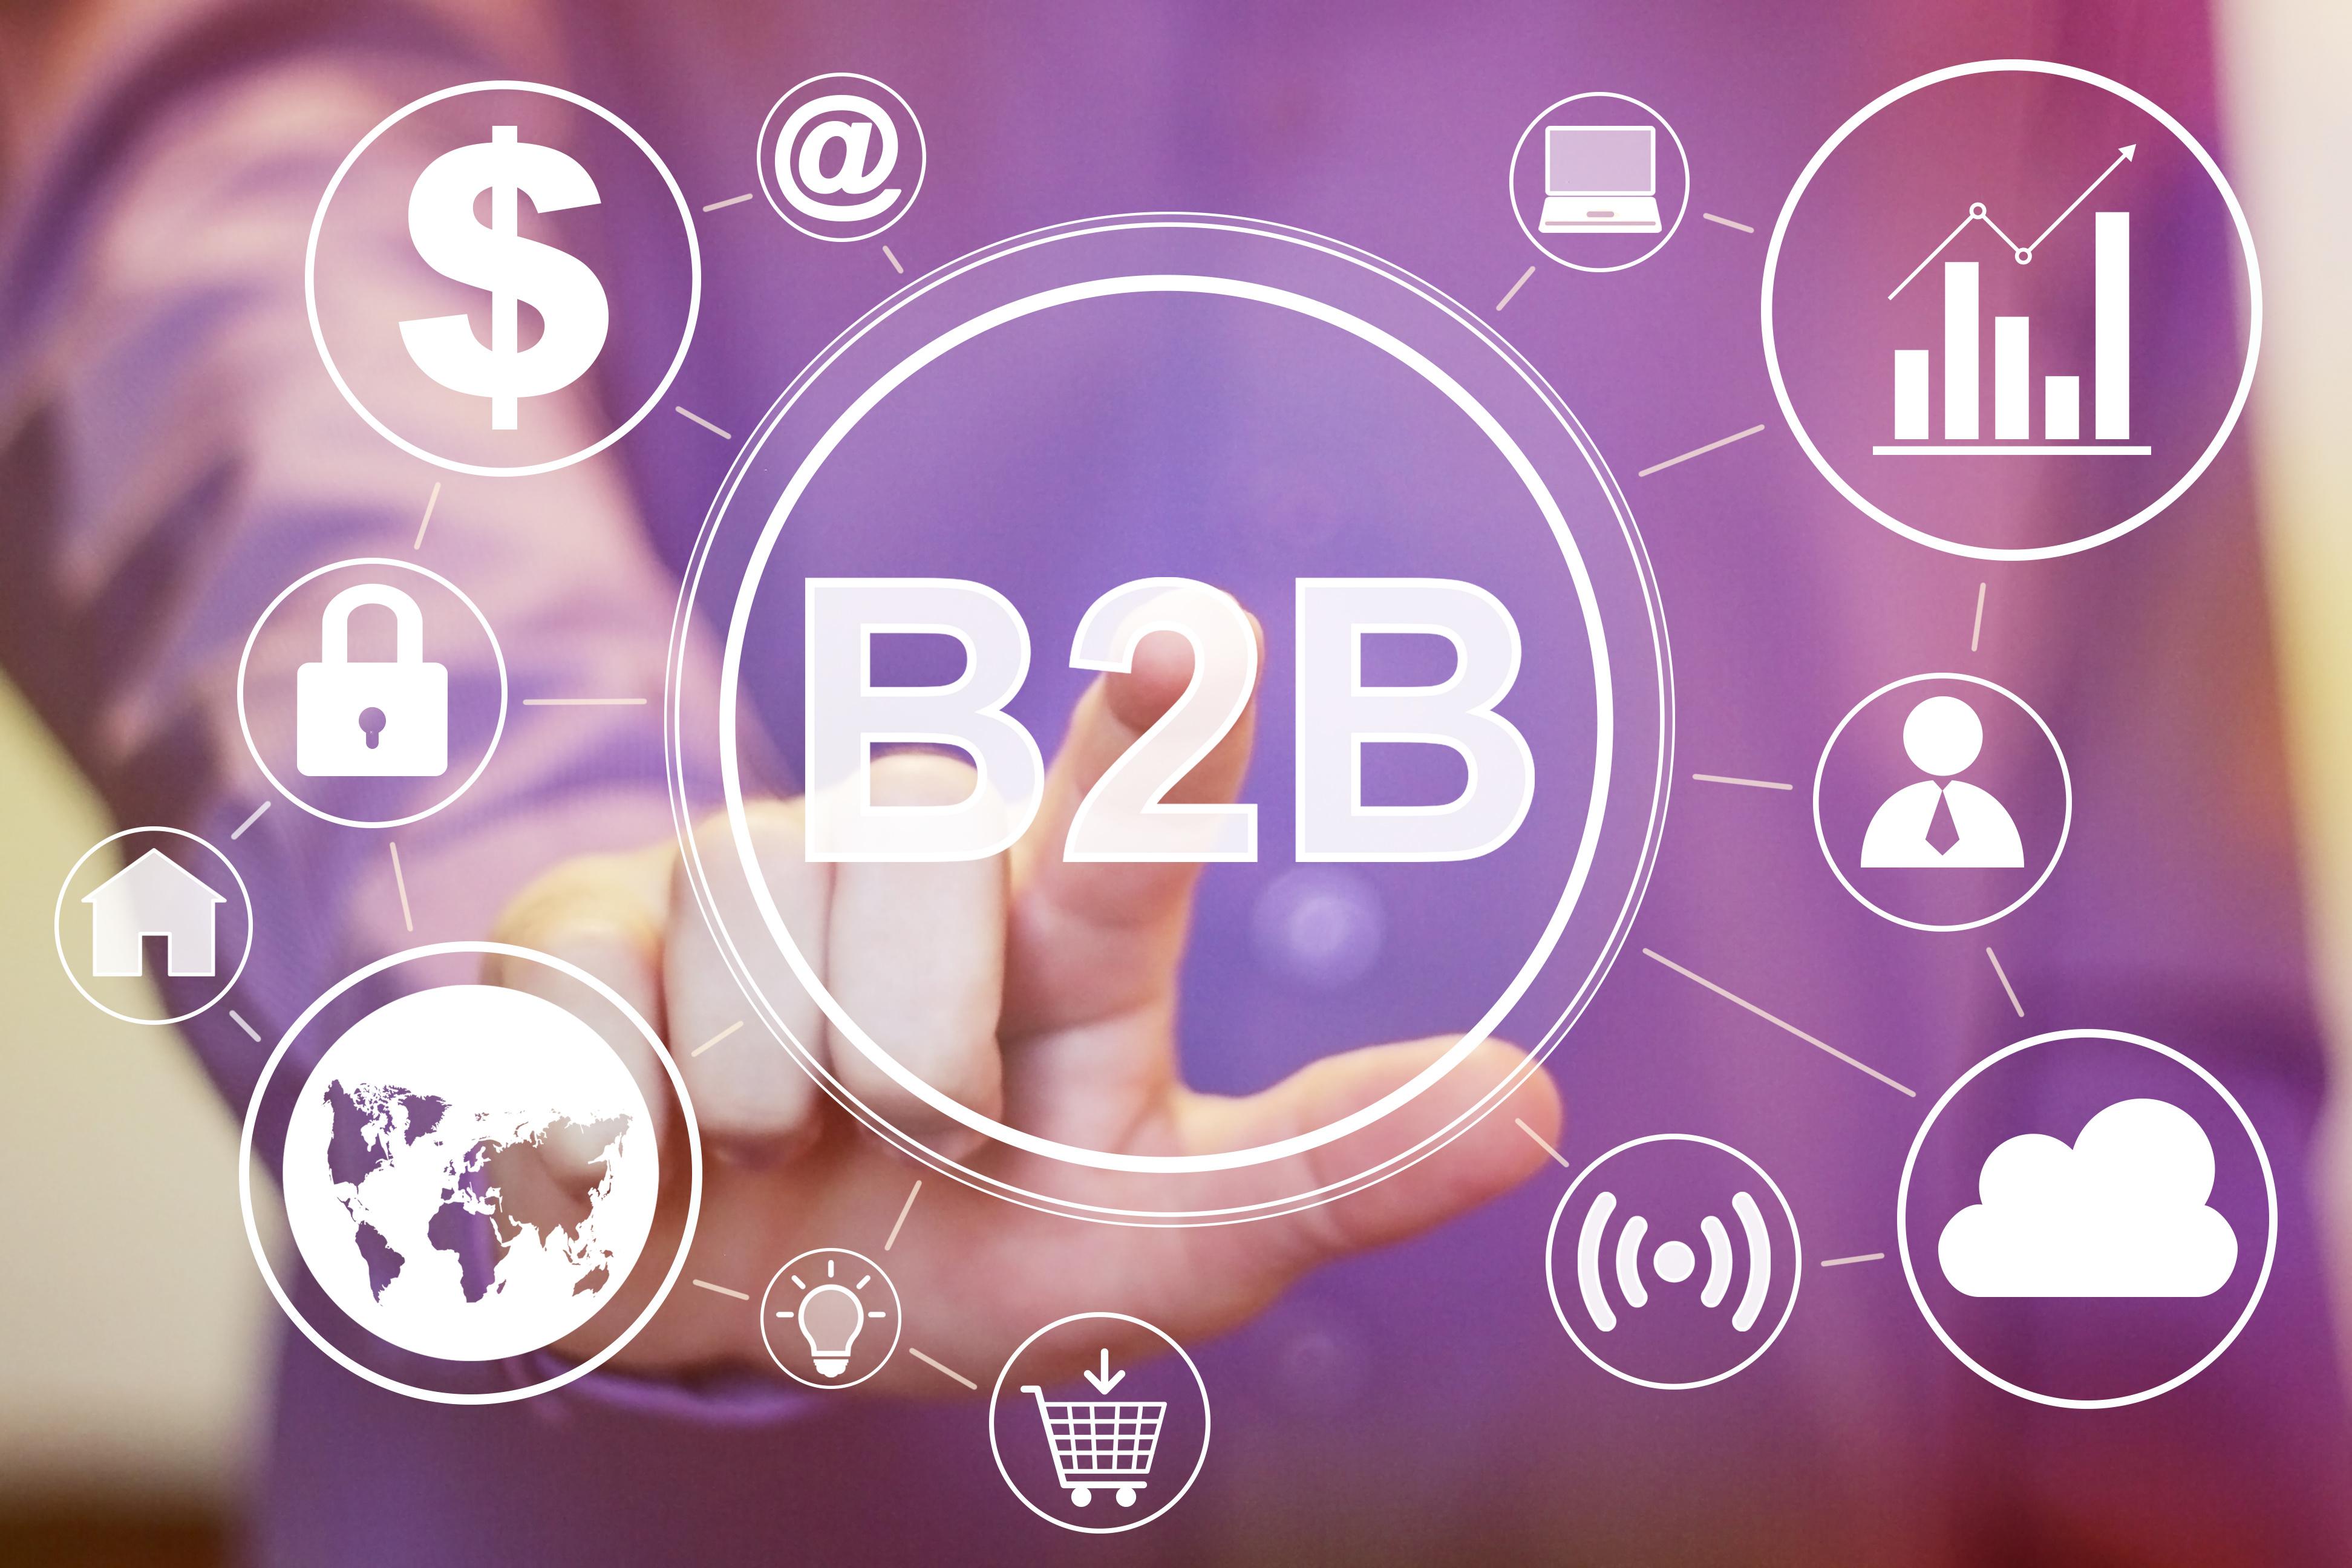 B2B-Datenanalyse auf dem nächsten Level - minubo führt Segmentierung auf Unternehmensebene und B2B-Customer-Journey-Analysen ein